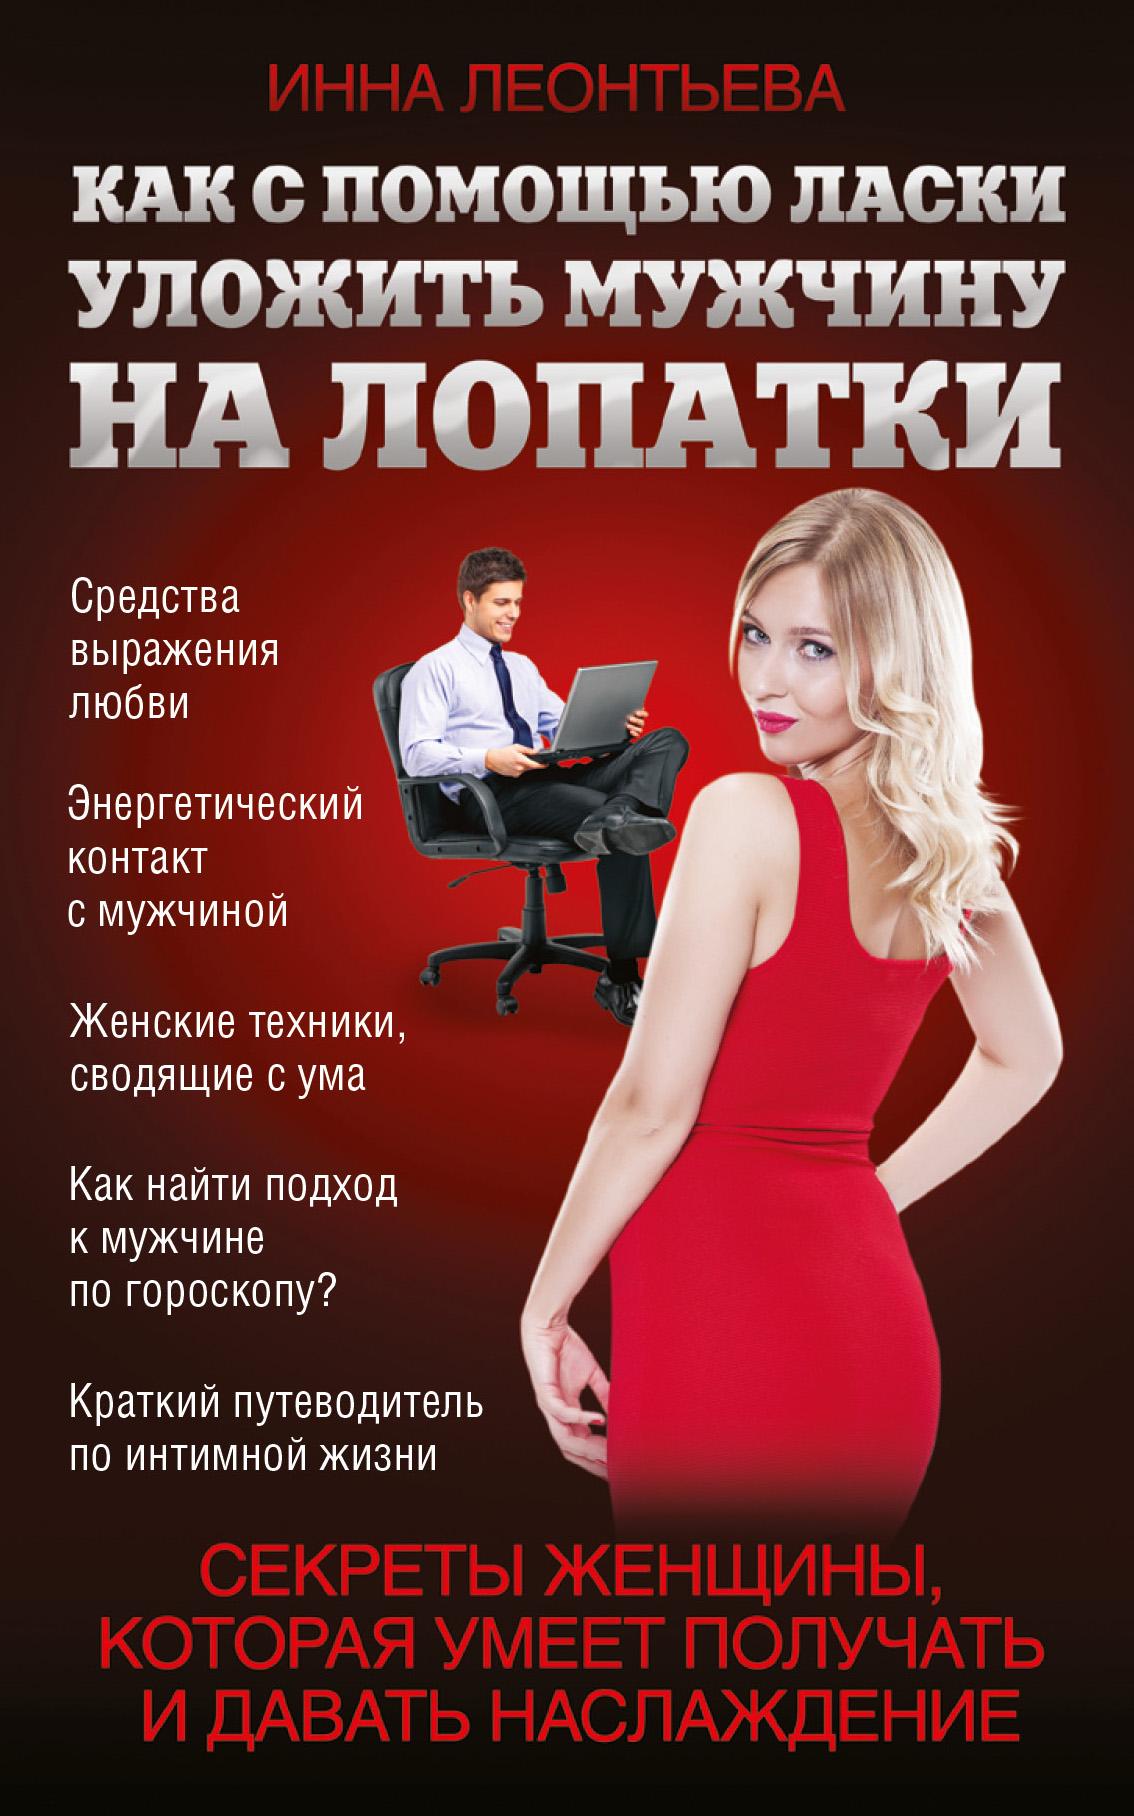 Инна Леонтьева Как с помощью ласки уложить мужчину на лопатки леонтьева инна русскийпикап как с помощью ласки уложить мужчину на лопатки